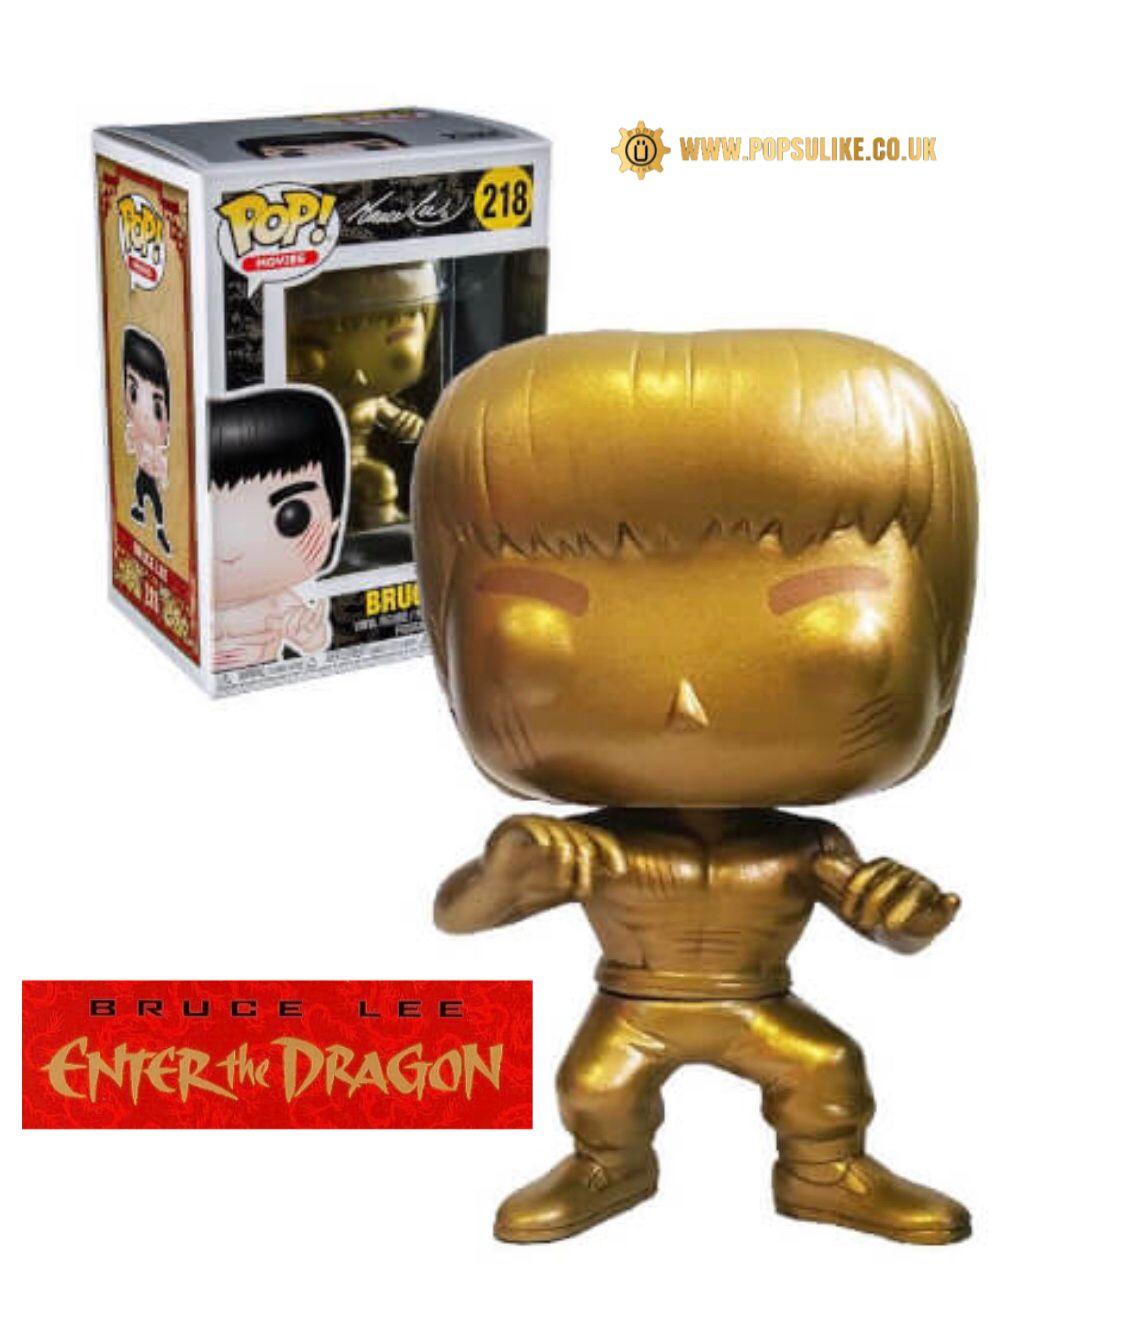 Movies #218 Vinyl Figur Funko Film-fanartikel Bruce Lee Gold Version Enter The Dragon Pop Action- & Spielfiguren